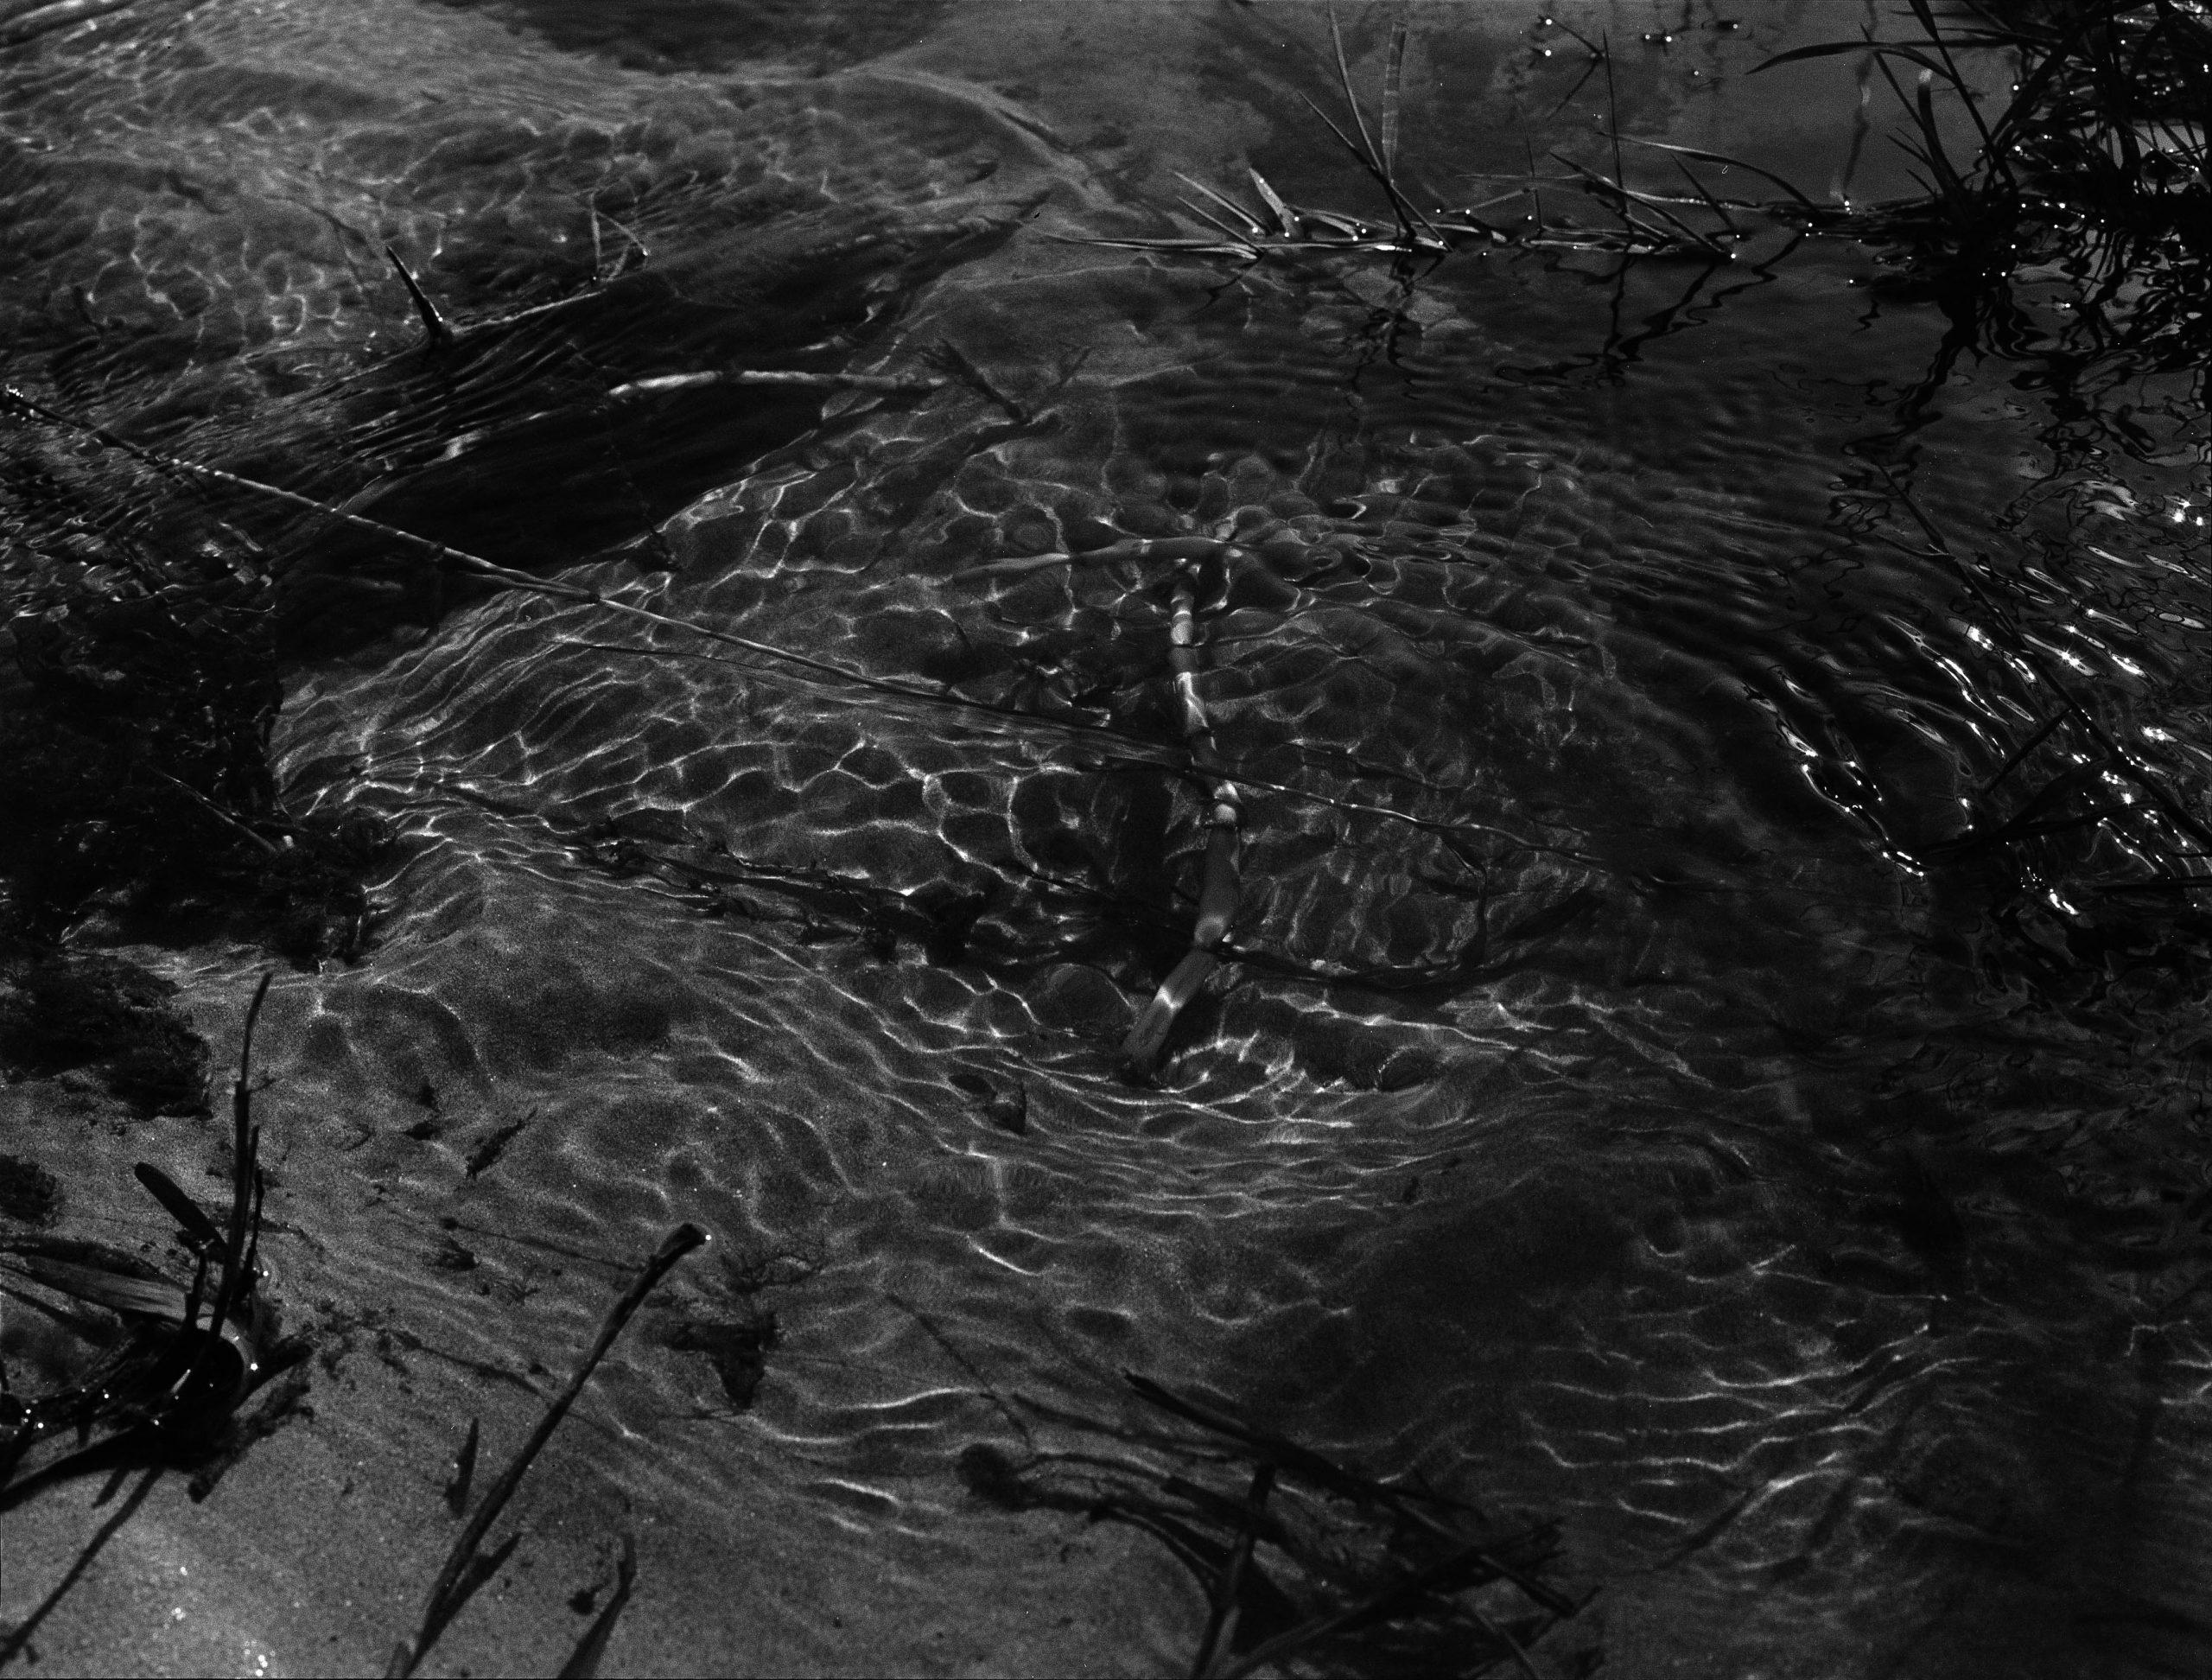 Rosie Dale - Runaways black and white greenery